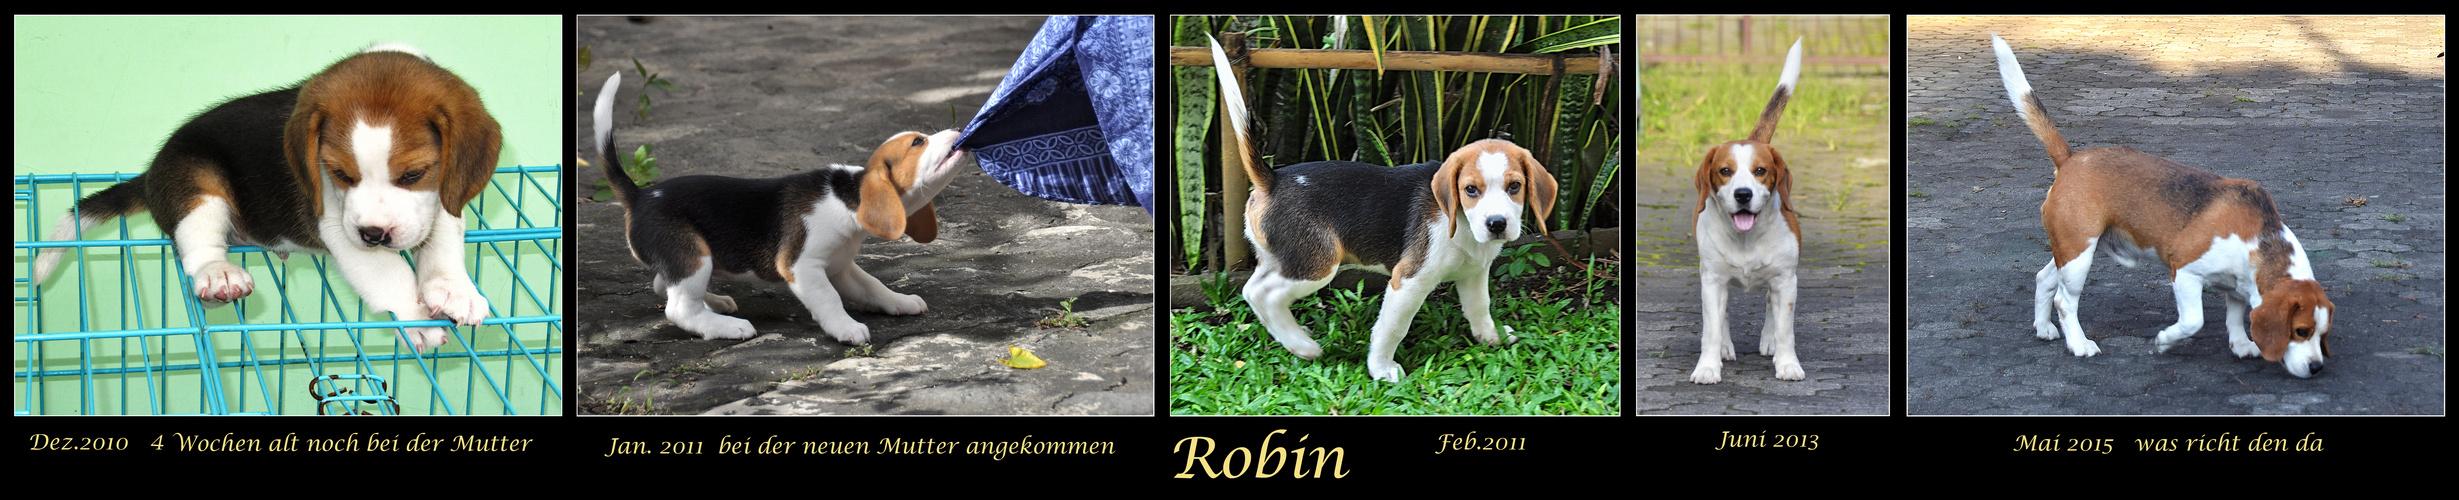 Mein Hund Robin